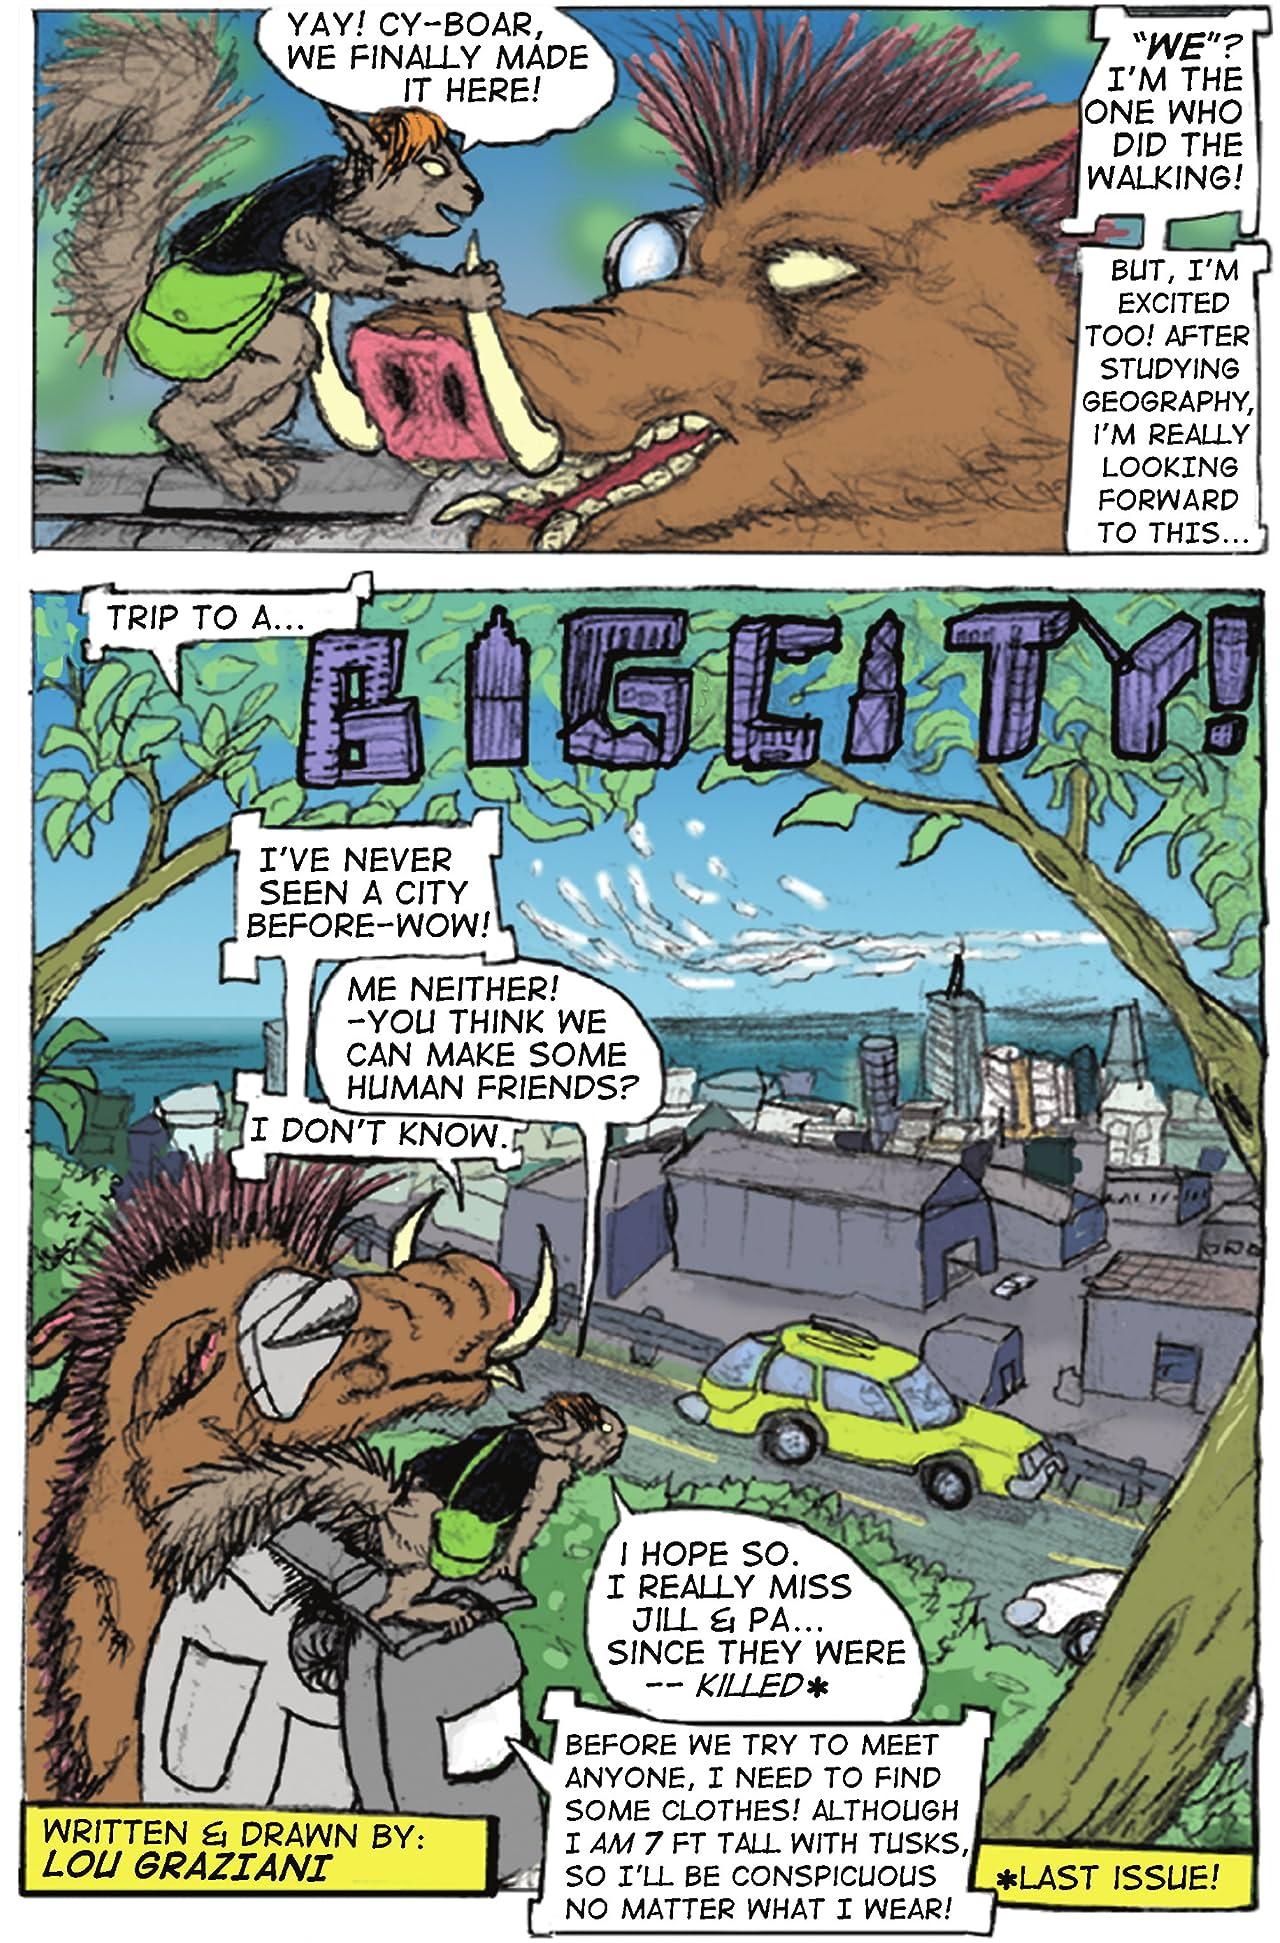 Cy-Boar #3: The Enforcer